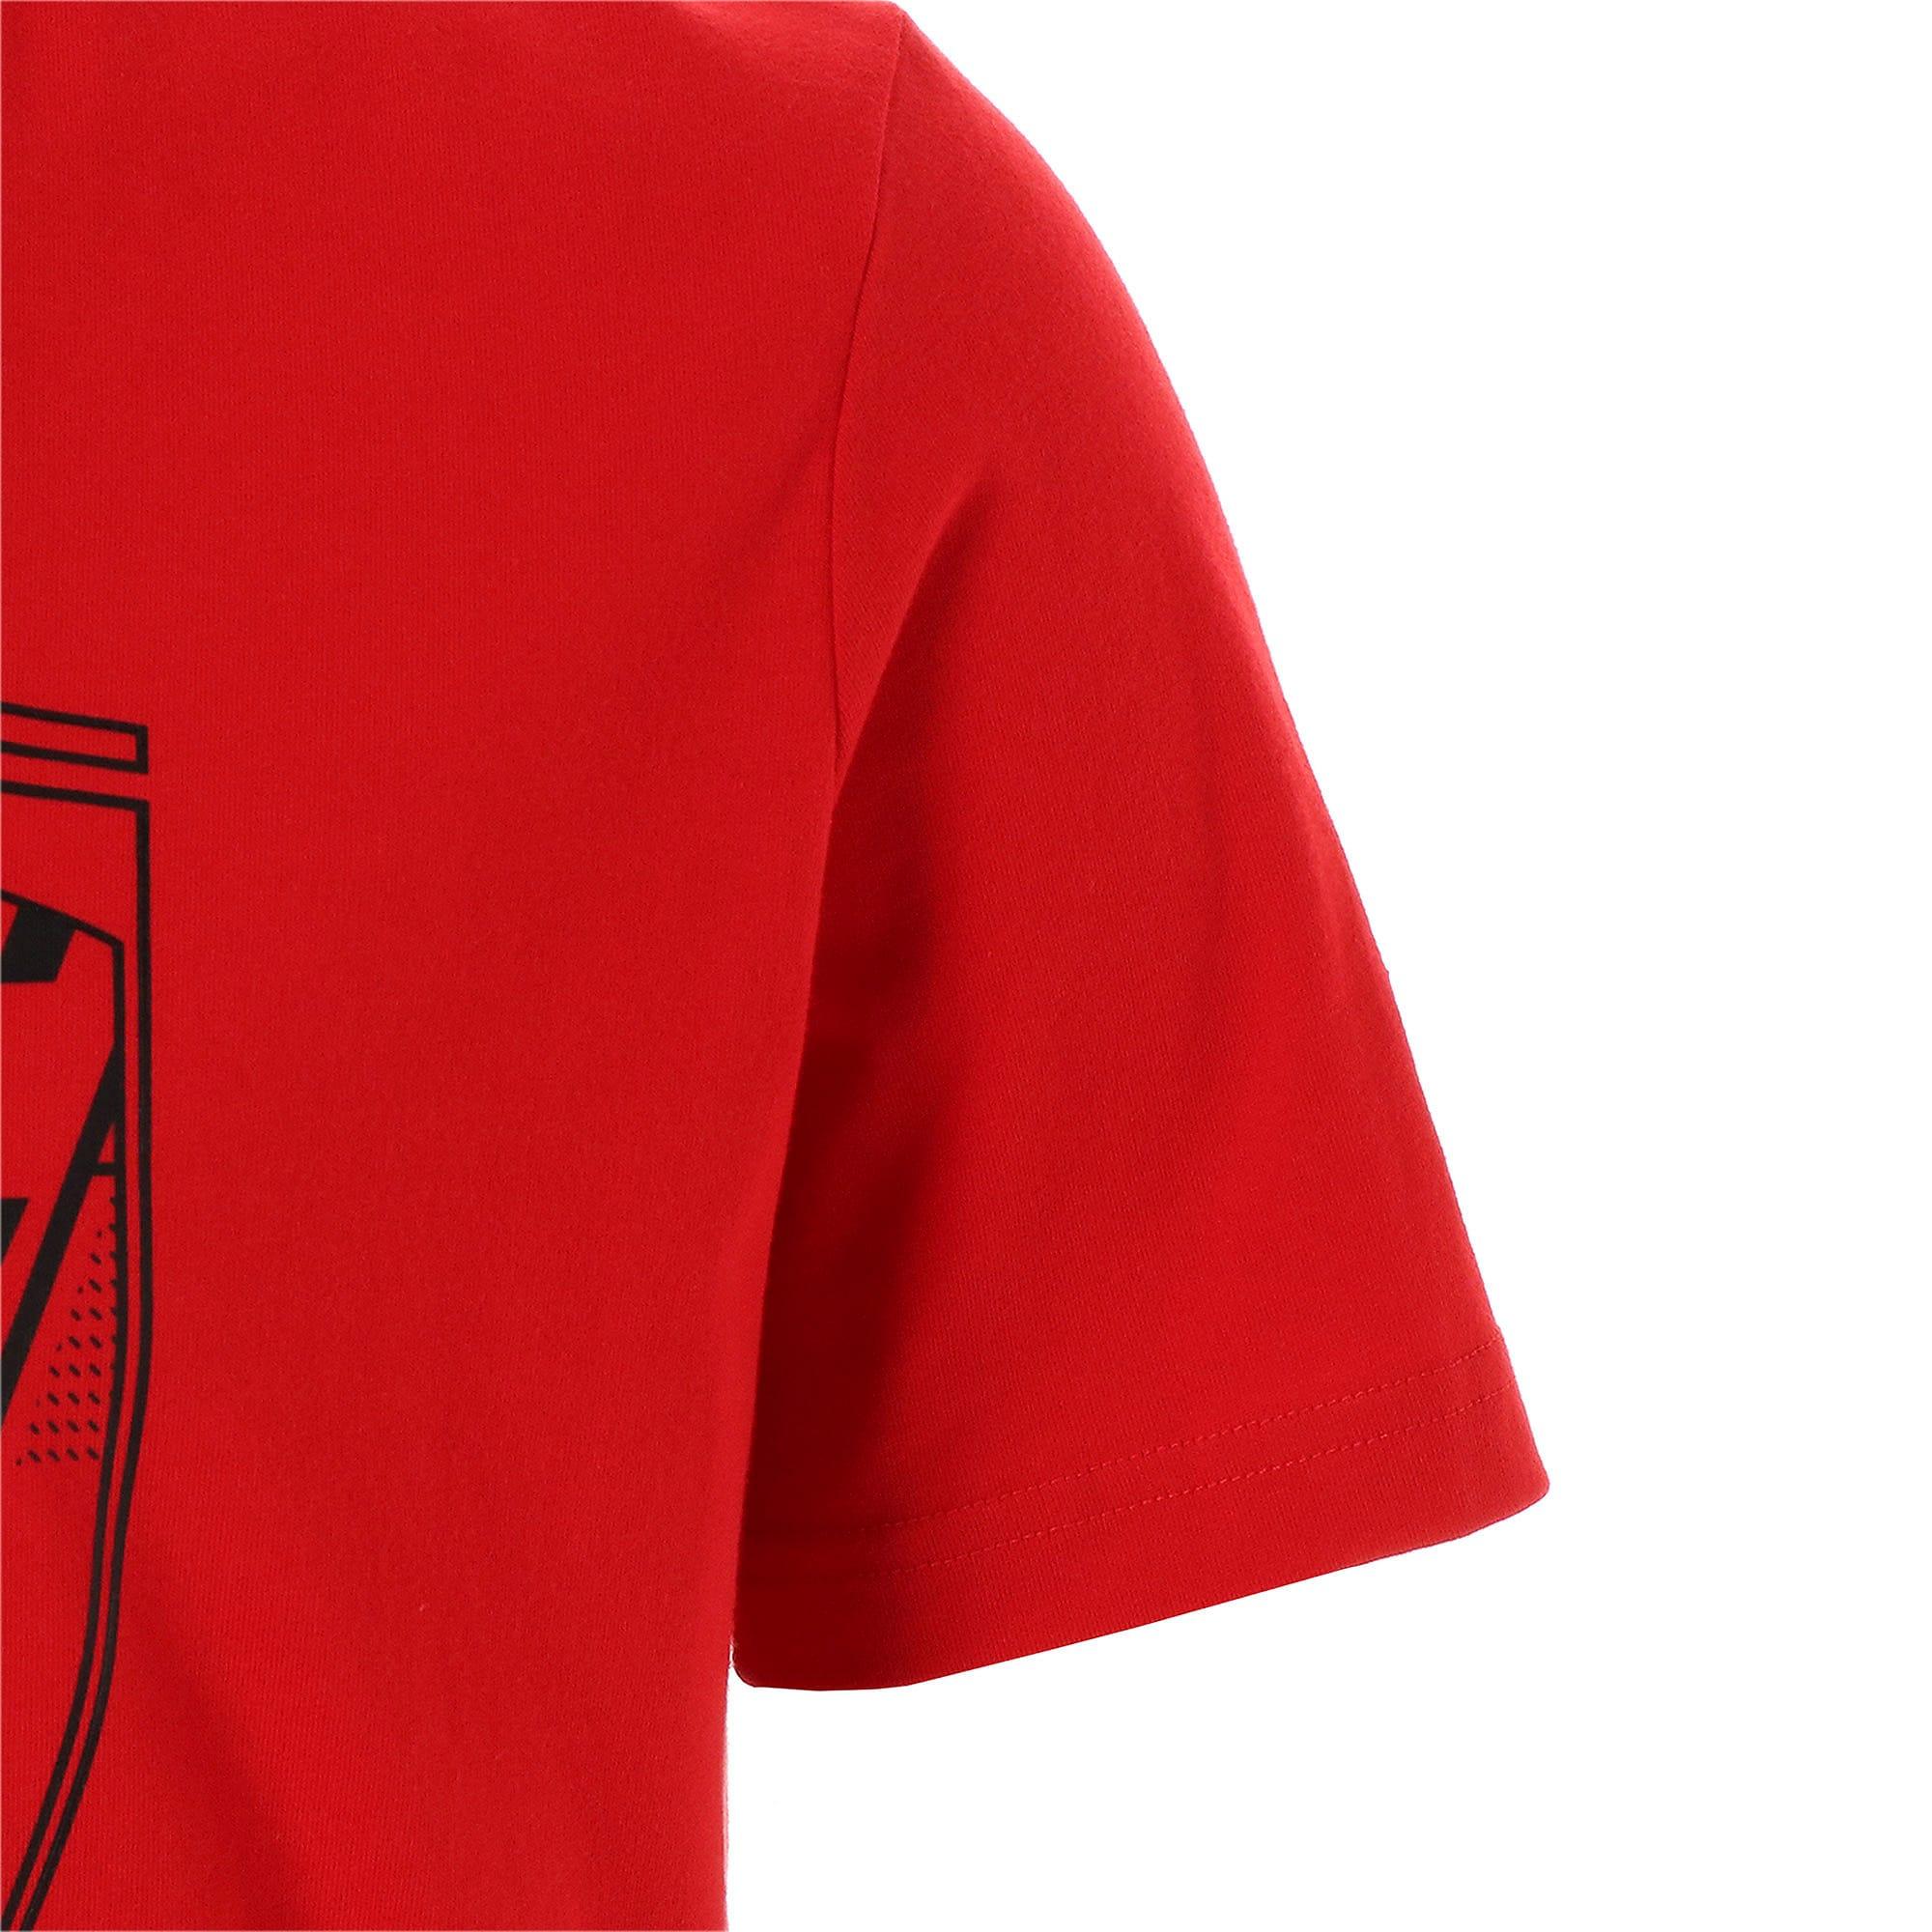 Thumbnail 5 of フェラーリ ビッグシールド Tシャツ + 半袖, Rosso Corsa, medium-JPN